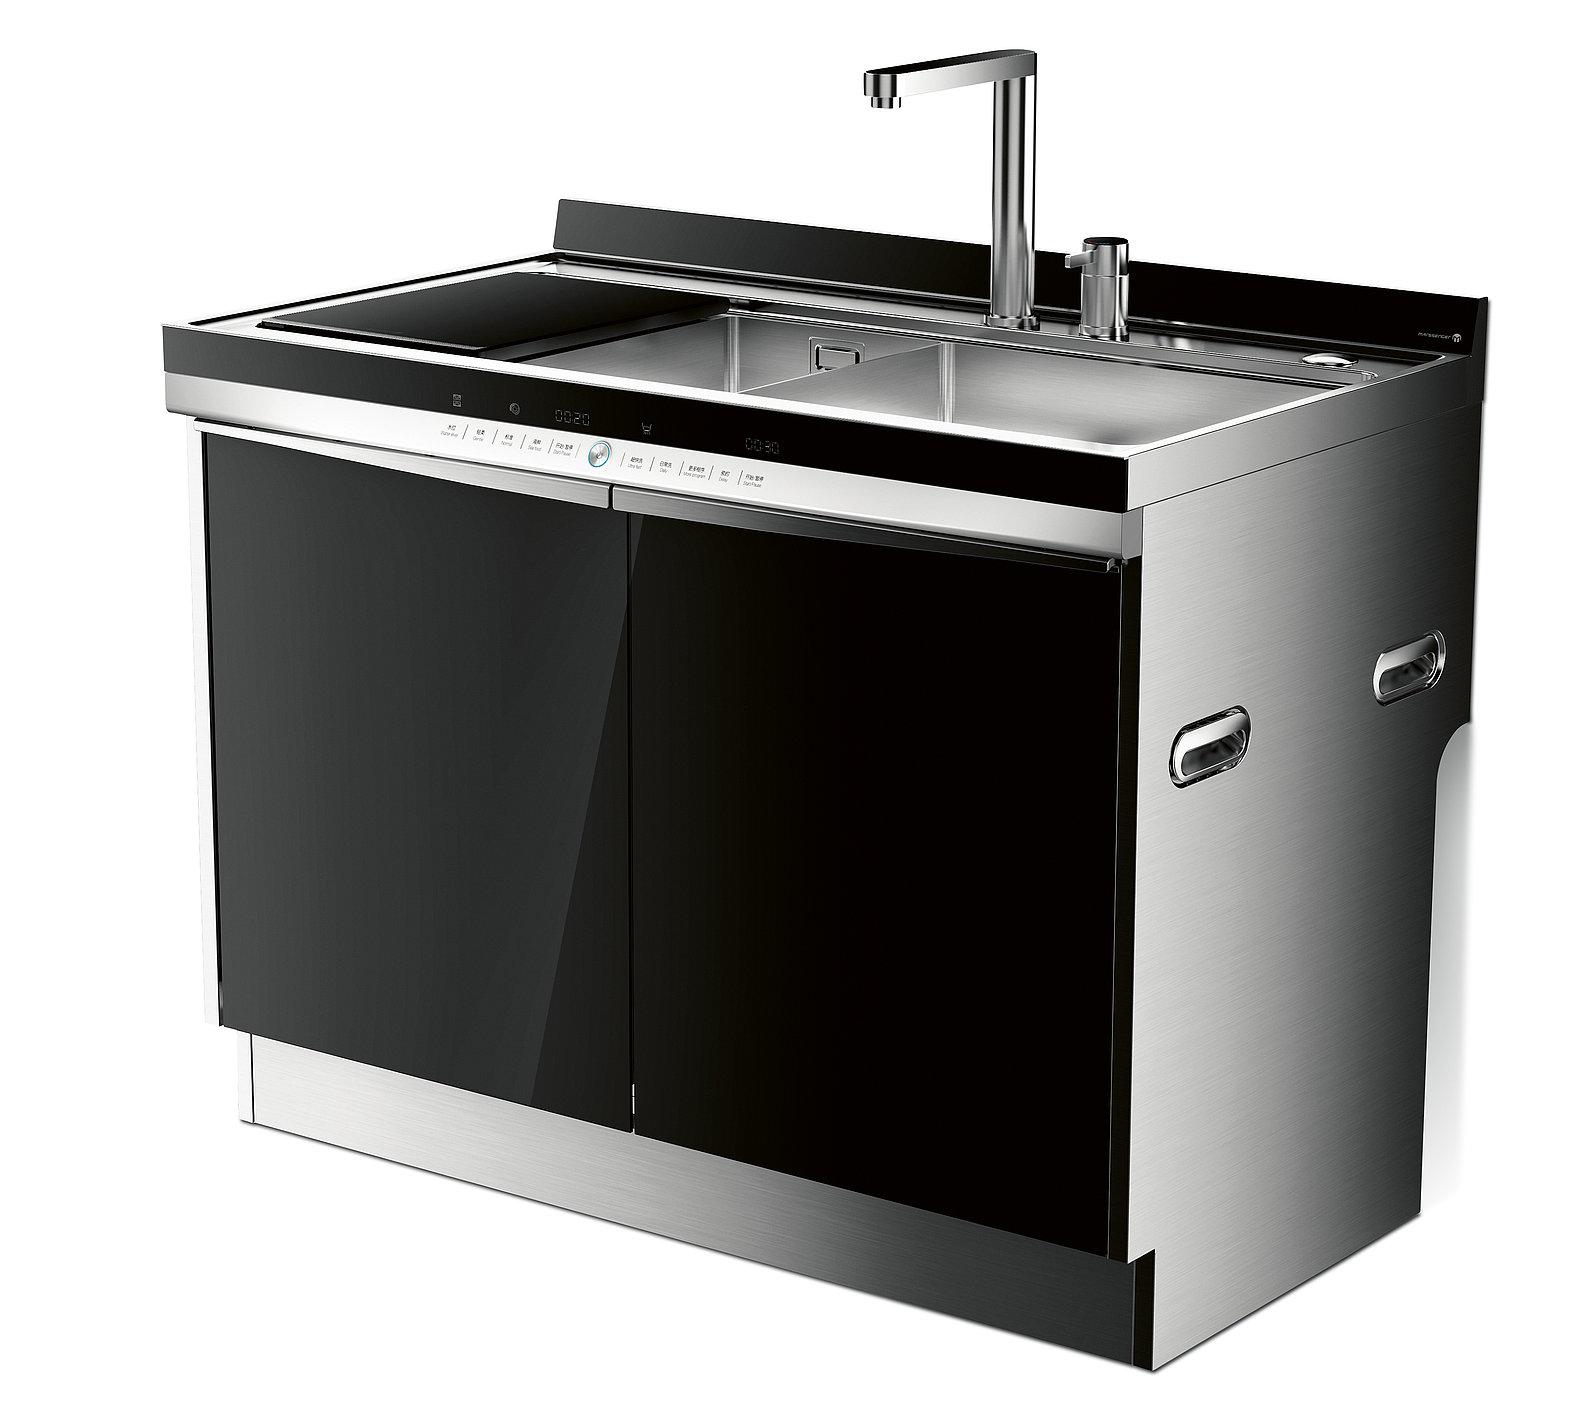 D7 Integrated Dishwasher   Red Dot Design Award